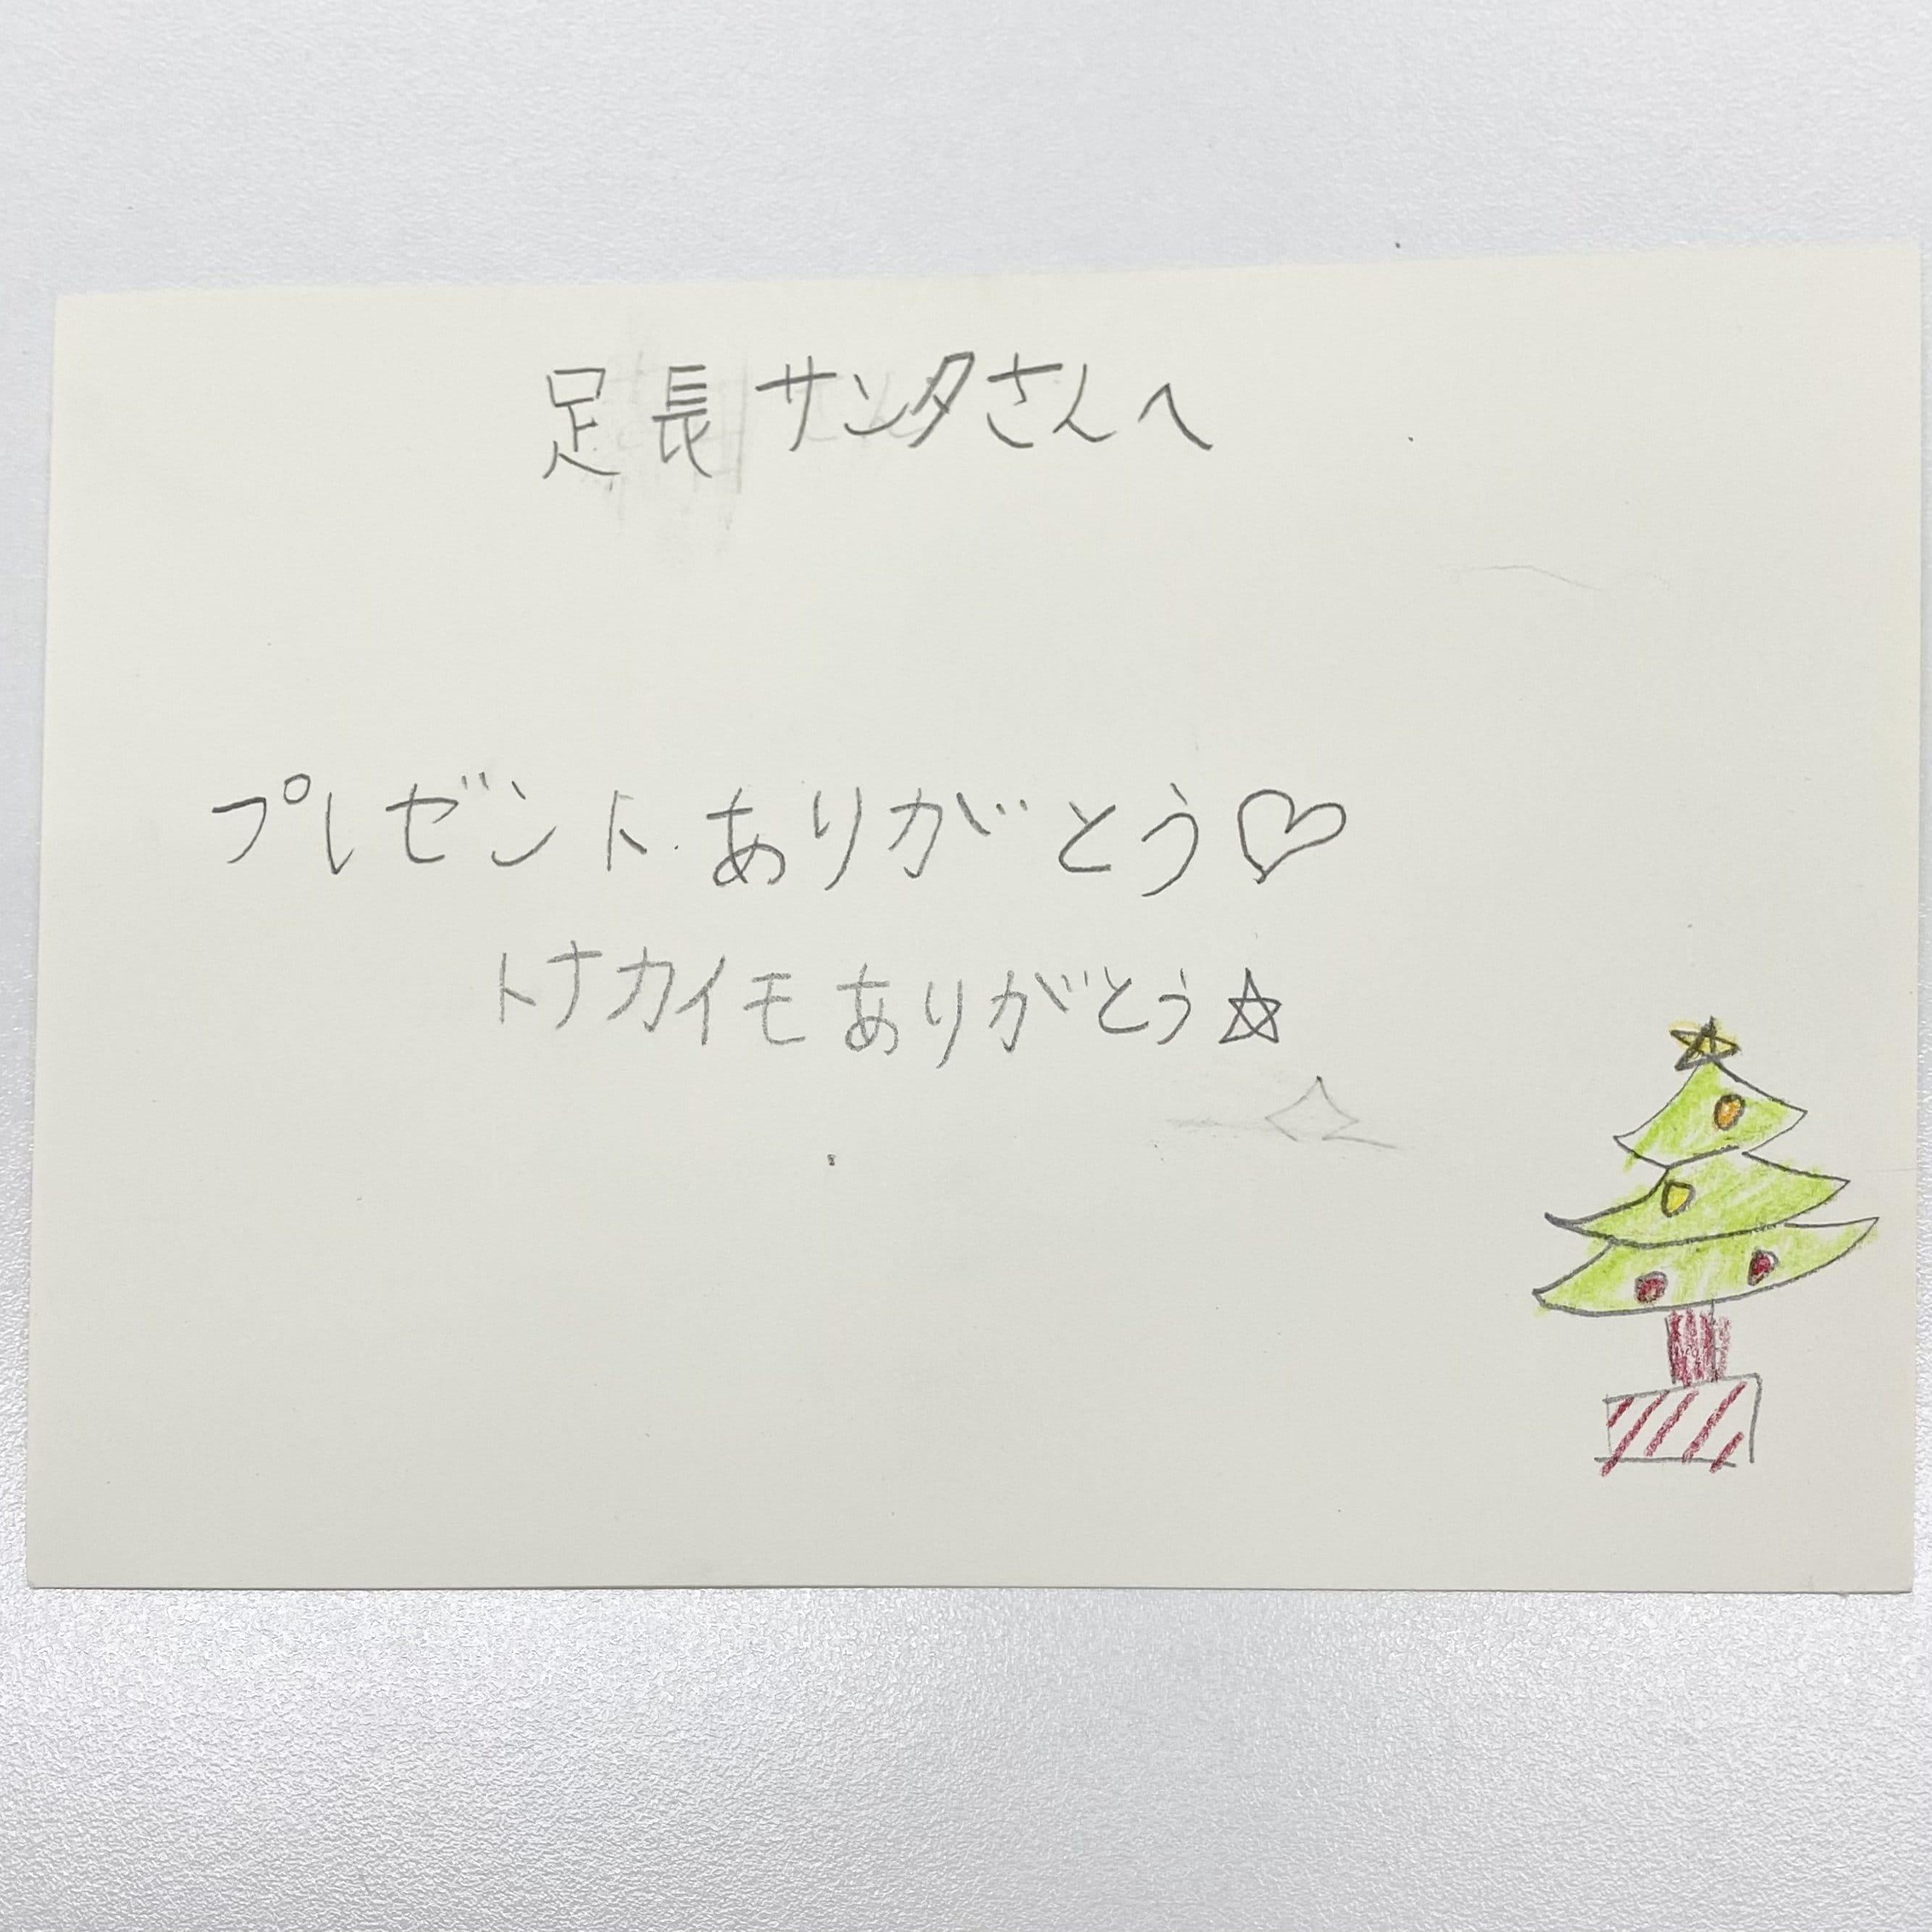 【あしながサンタ】株式会社ロードカー【ツクツク】